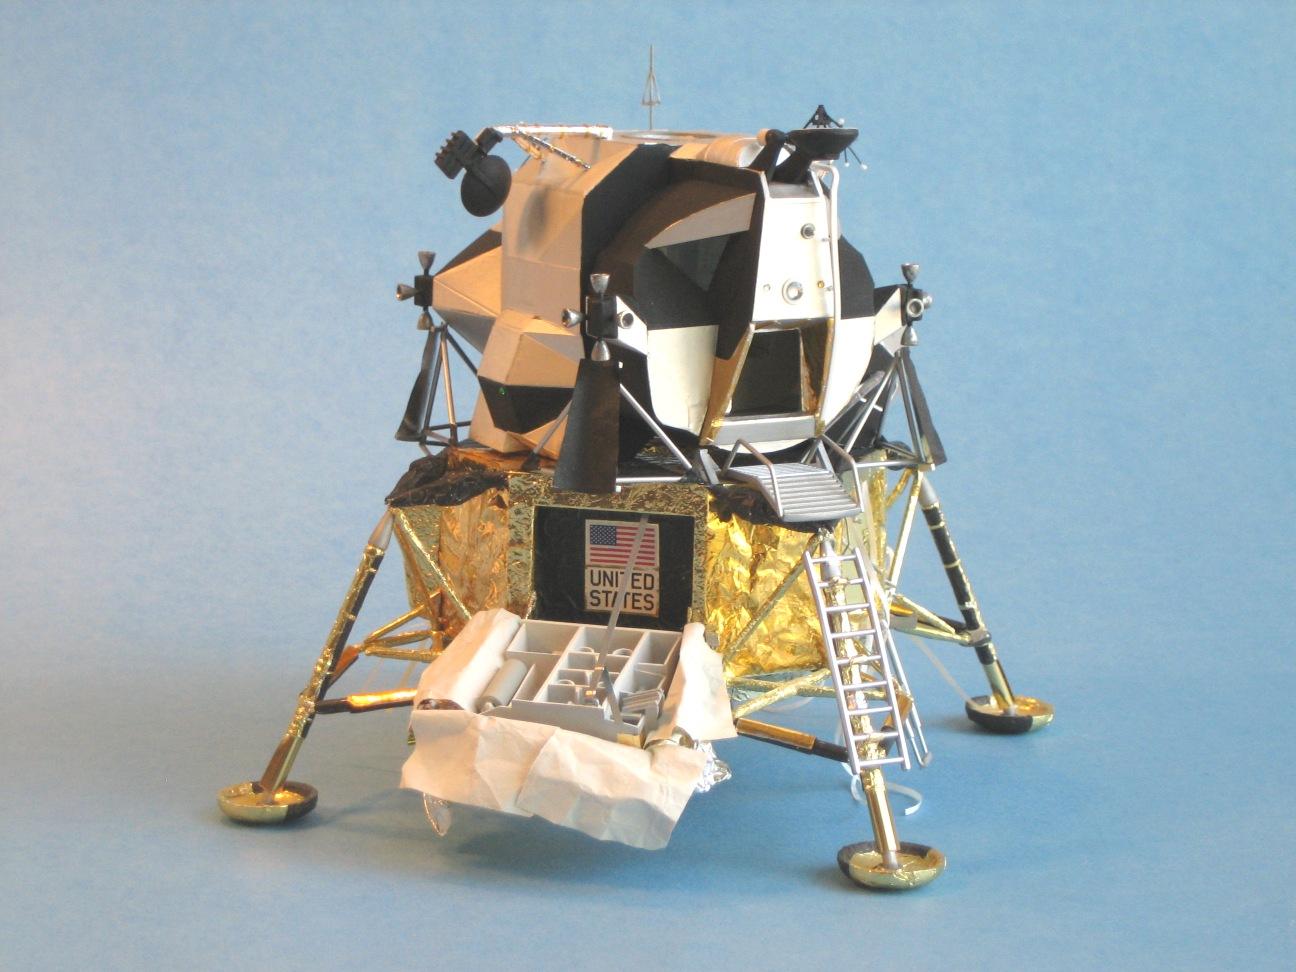 Lunar Lander Model (page 2) - Pics about space